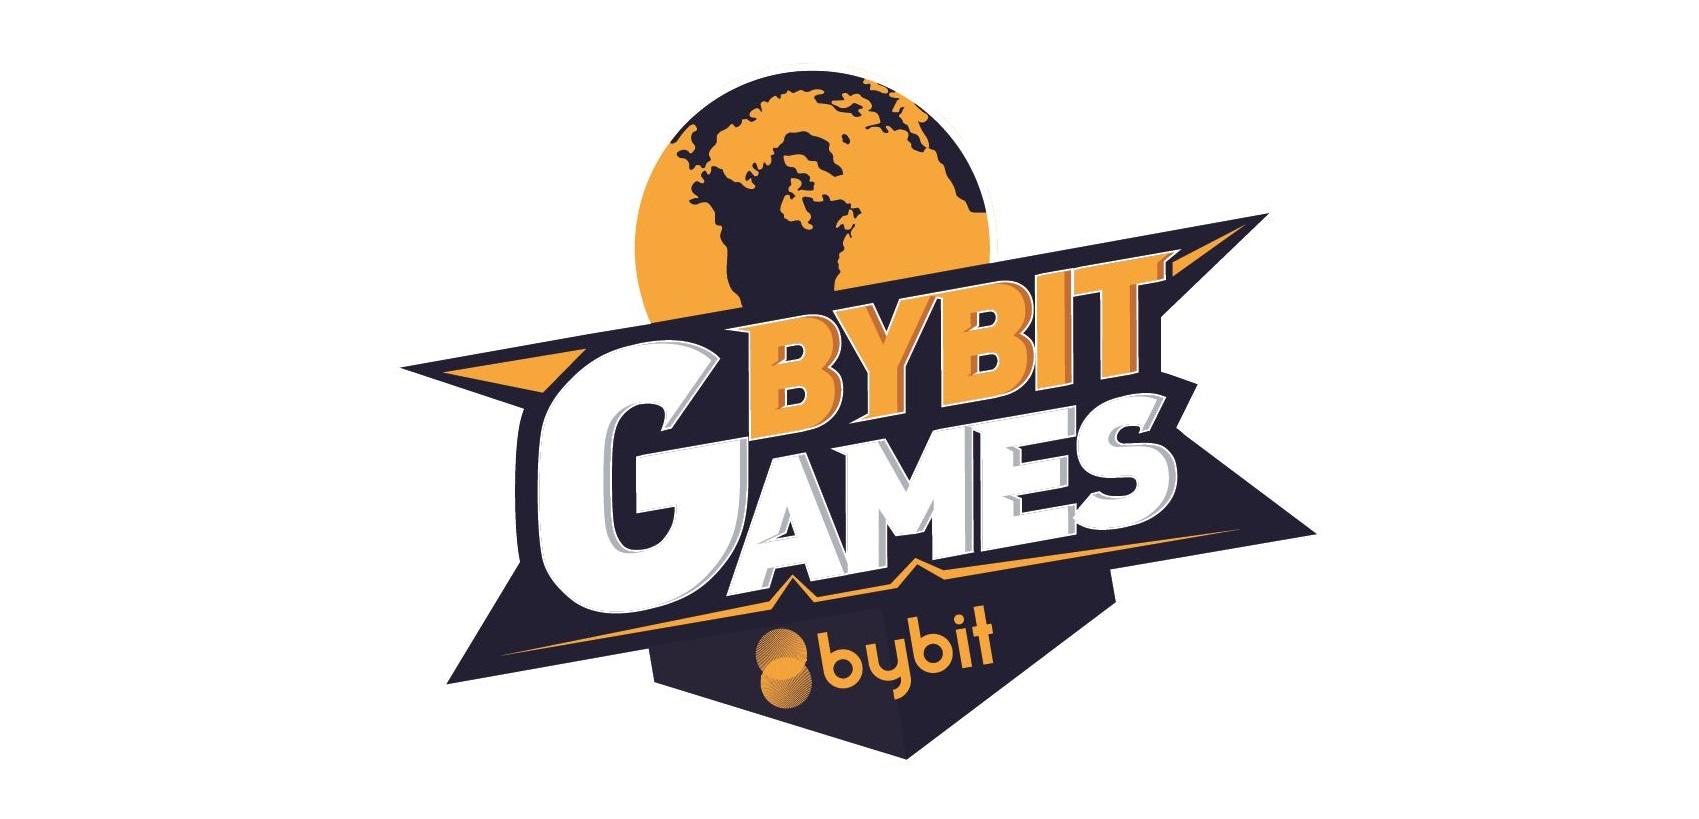 bybitプレスリリースアイキャッチ